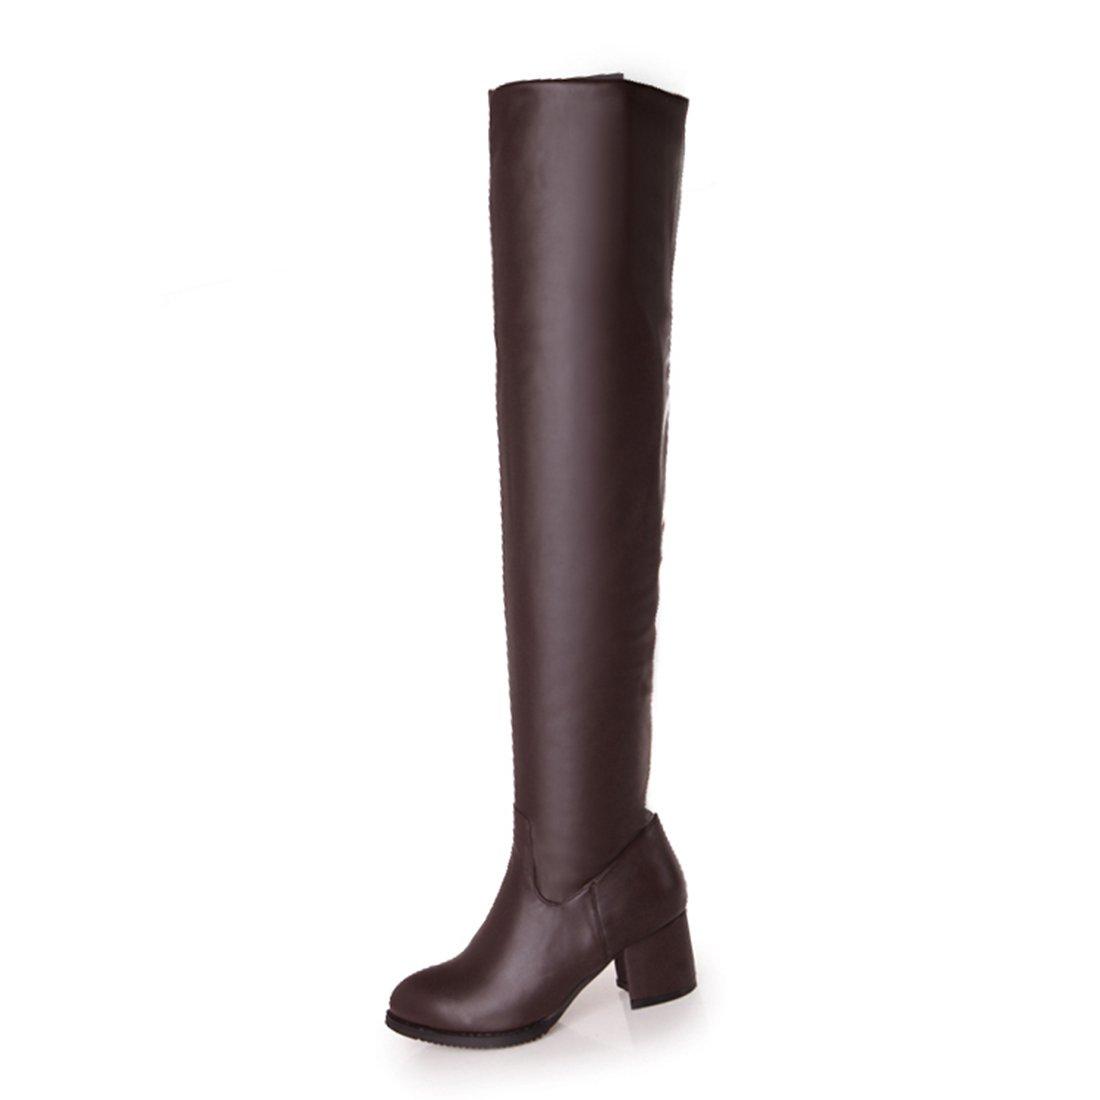 Und Gefütterte Damen Schuhe Reißverschluss Absatz Boots High 6cm Overknee Mit Bequeme Stiefel Warme Uh Chunky Heels wXTOuPkiZ